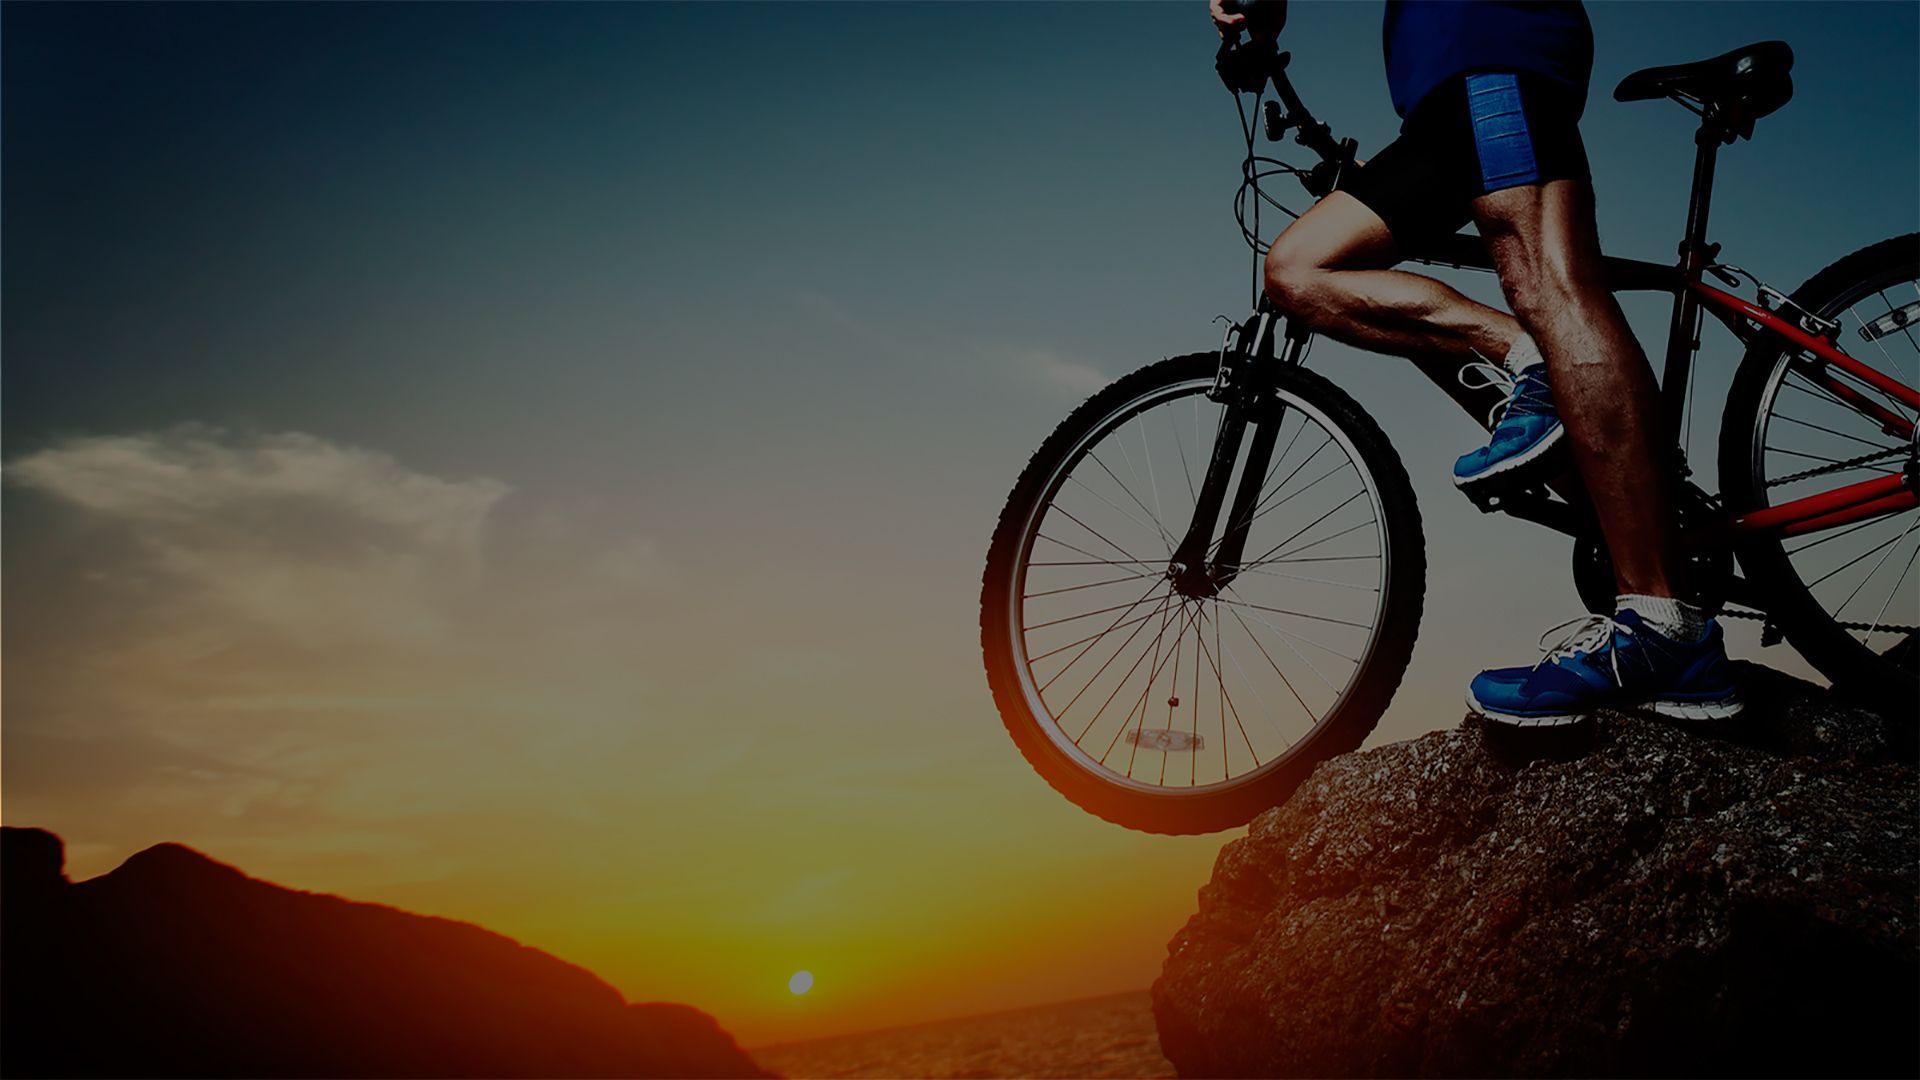 Mountain Bike download free wallpaper image search